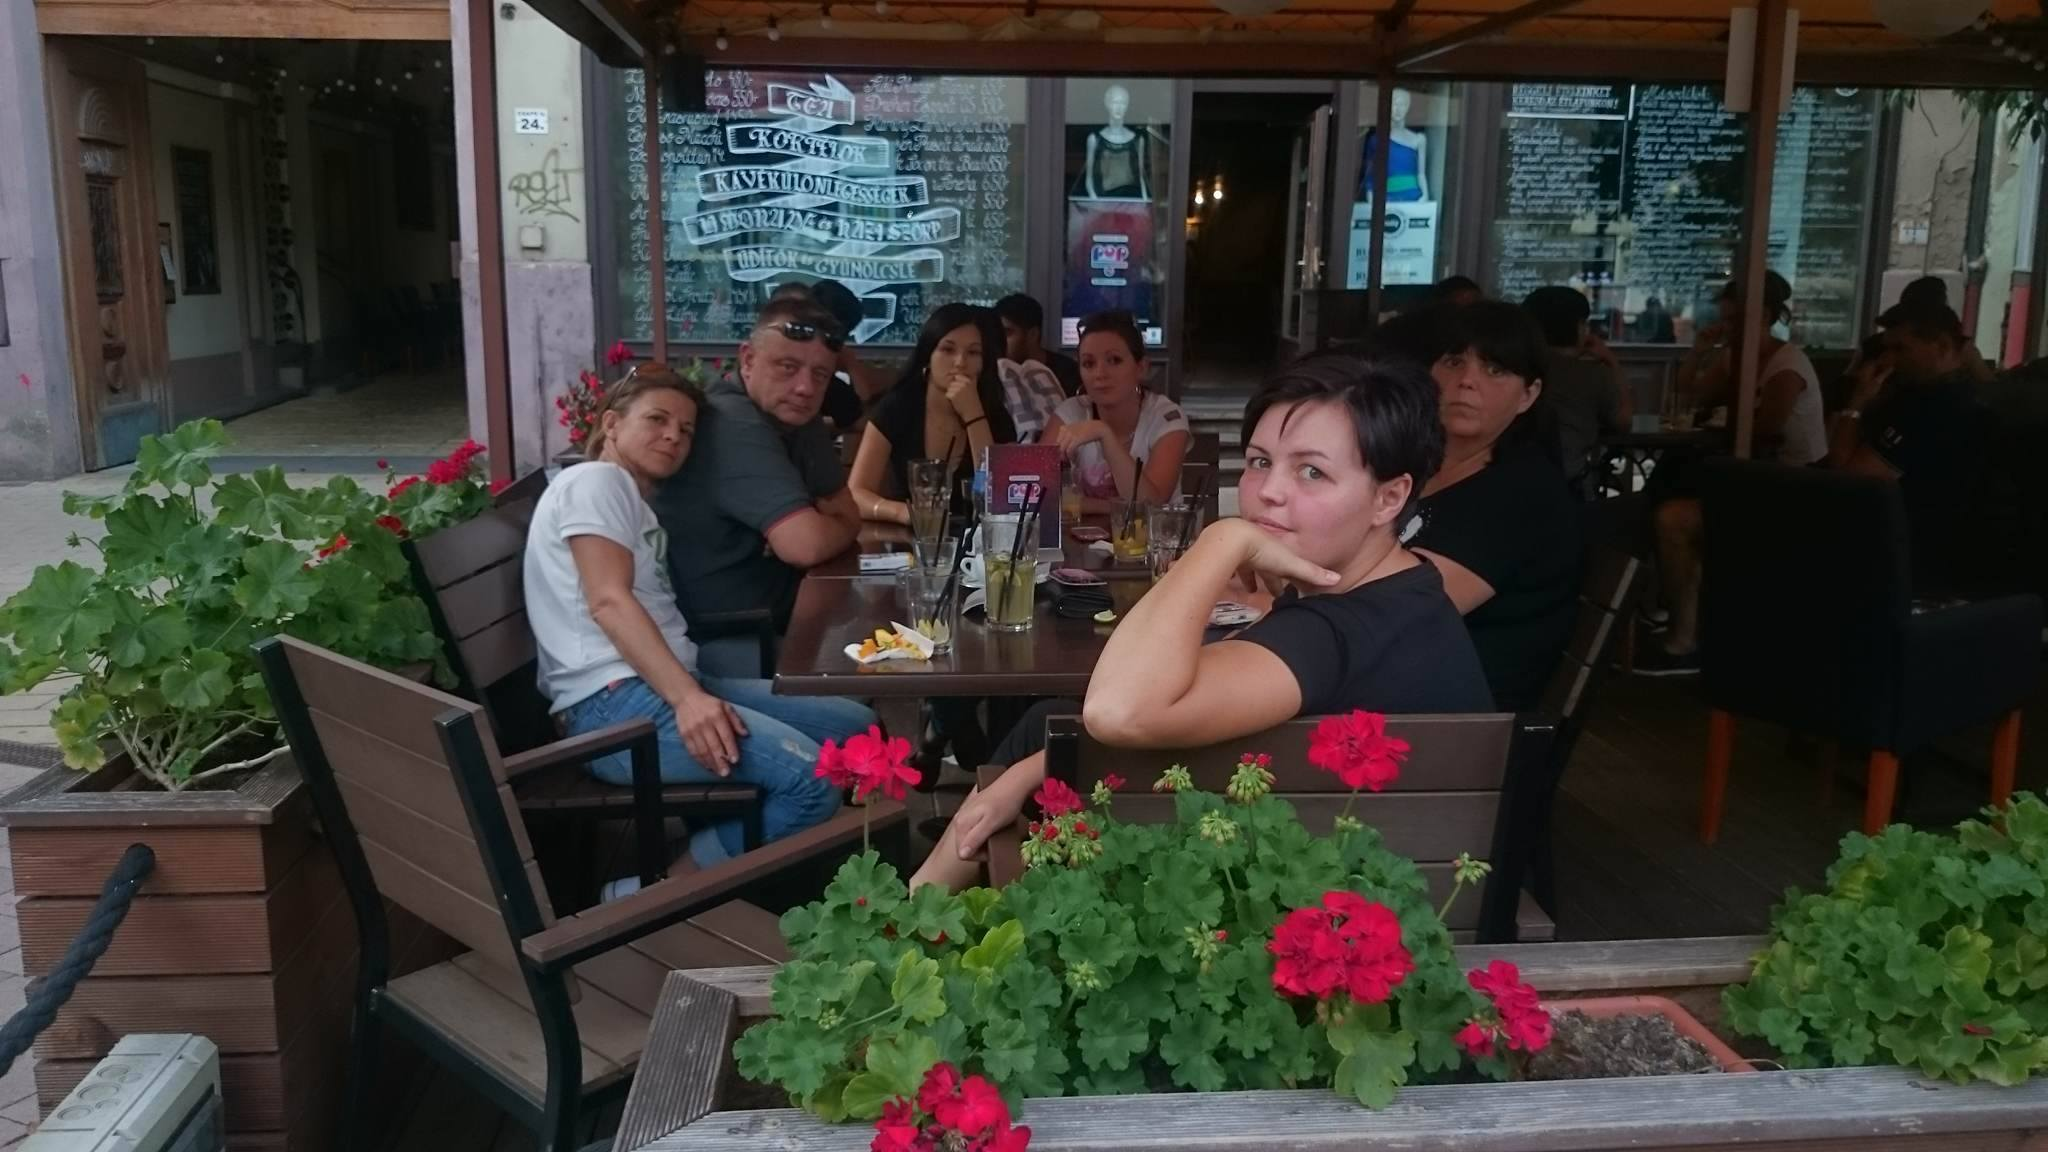 Debrecenben a Nagyerdei Terep Maraton futóversenyen_16